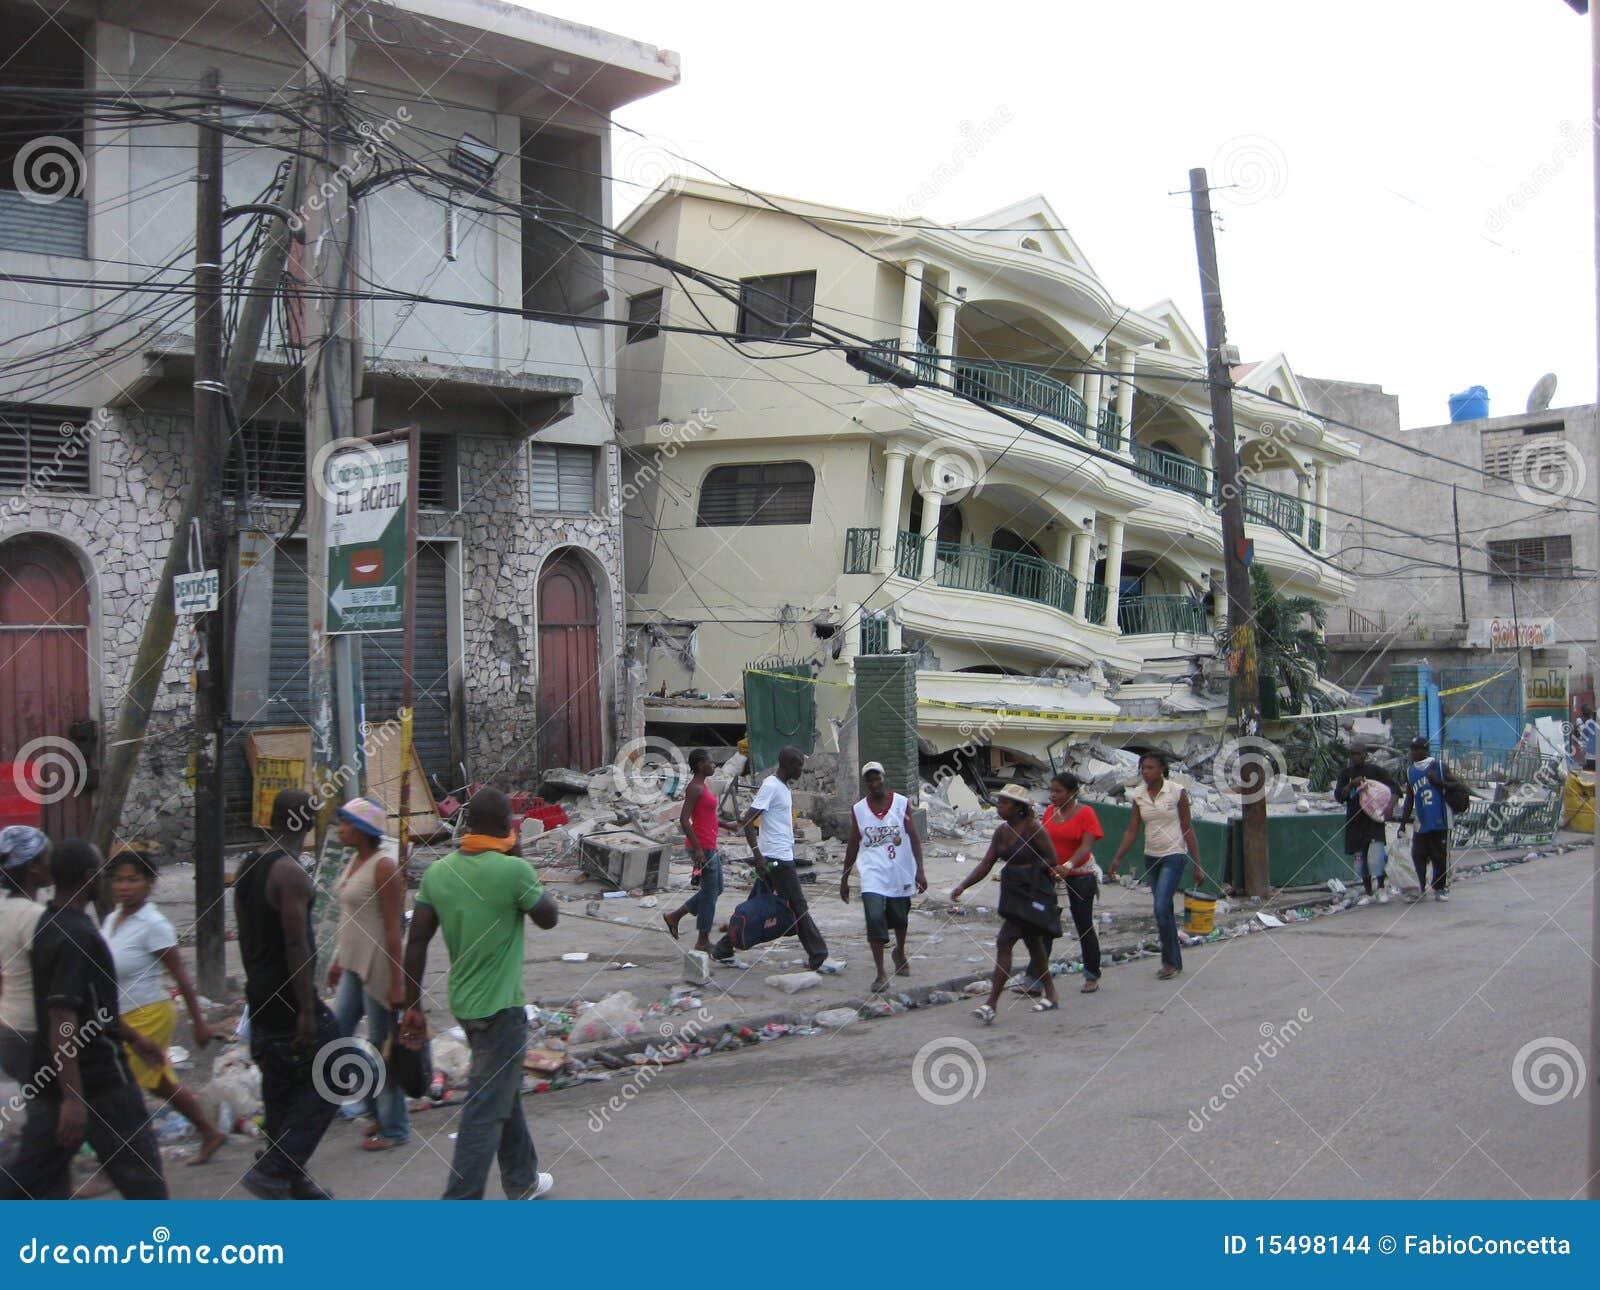 The disaster of haiti